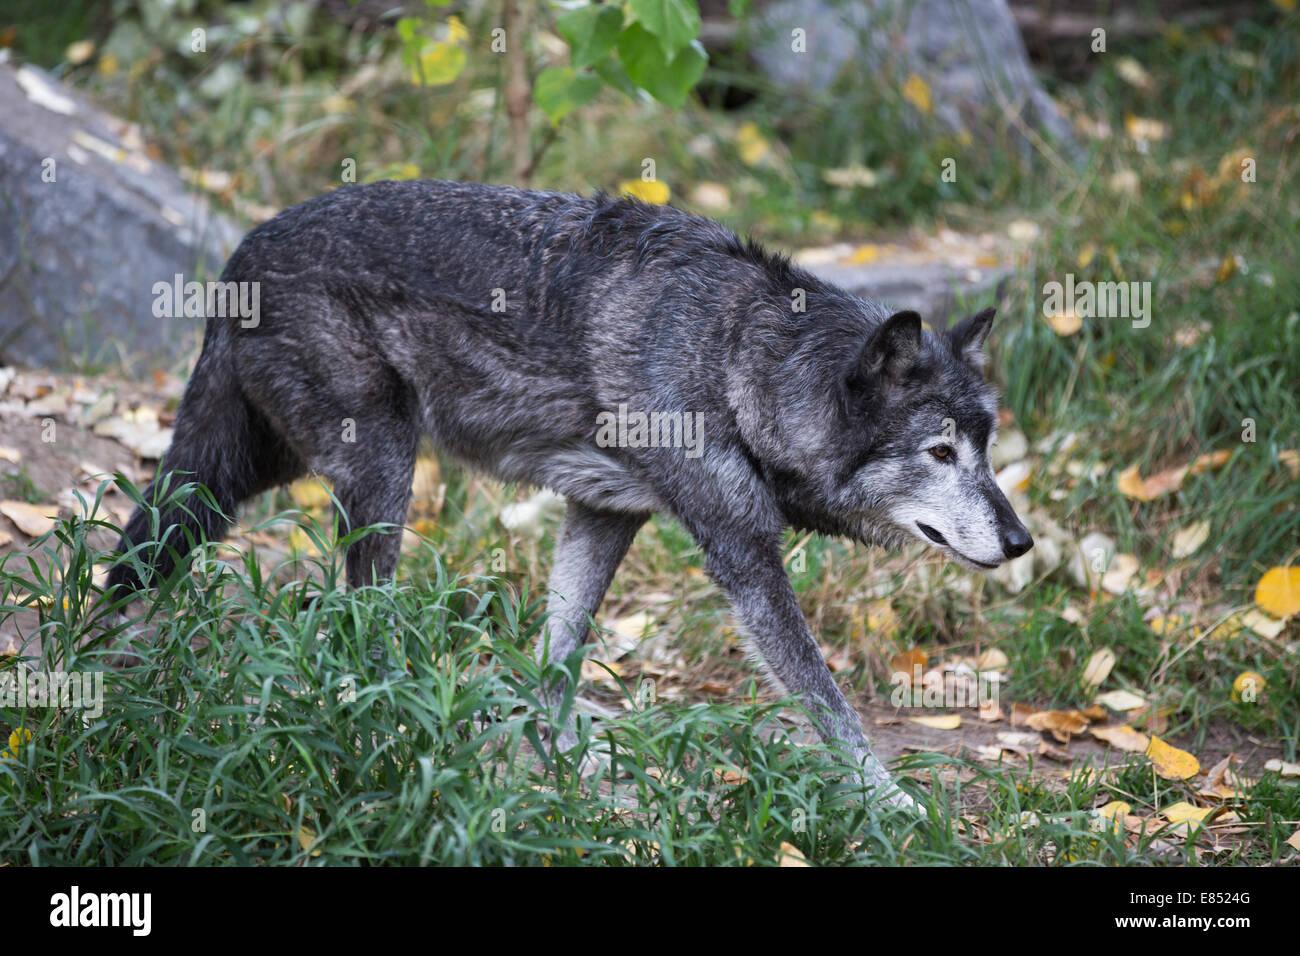 Lupo (Canis lupus) nel selvaggio canadese zoo presentano. Immagini Stock